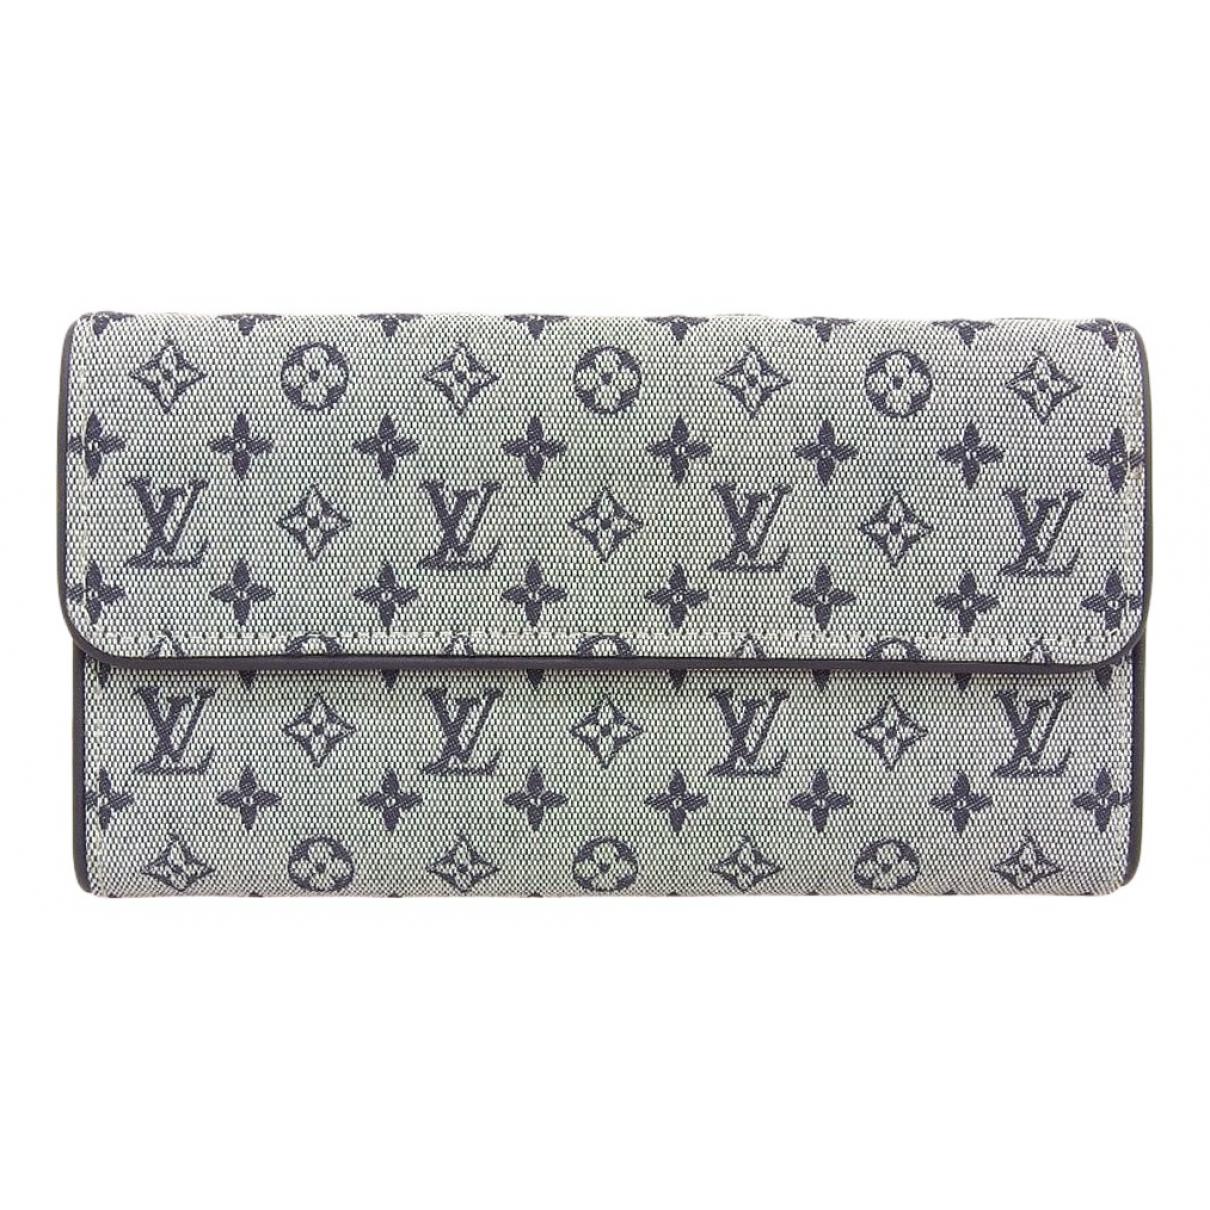 Louis Vuitton \N Portemonnaie in  Blau Leinen